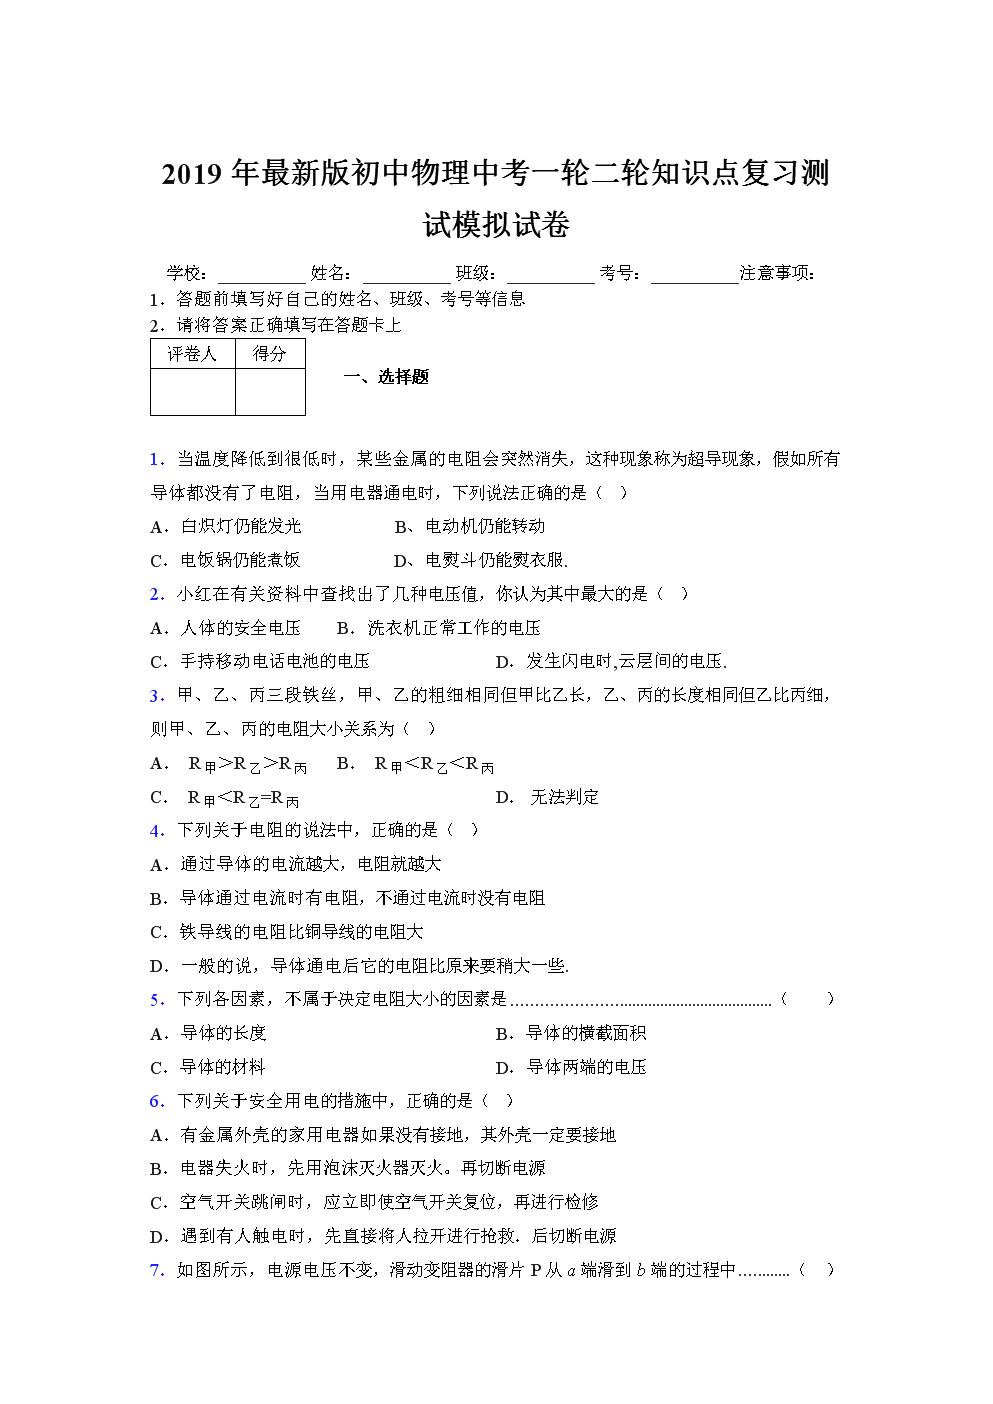 2019年最新版初中初中关张二轮一轮知识点复习测试模拟试卷177431.doc河津中考物理吴家校长图片